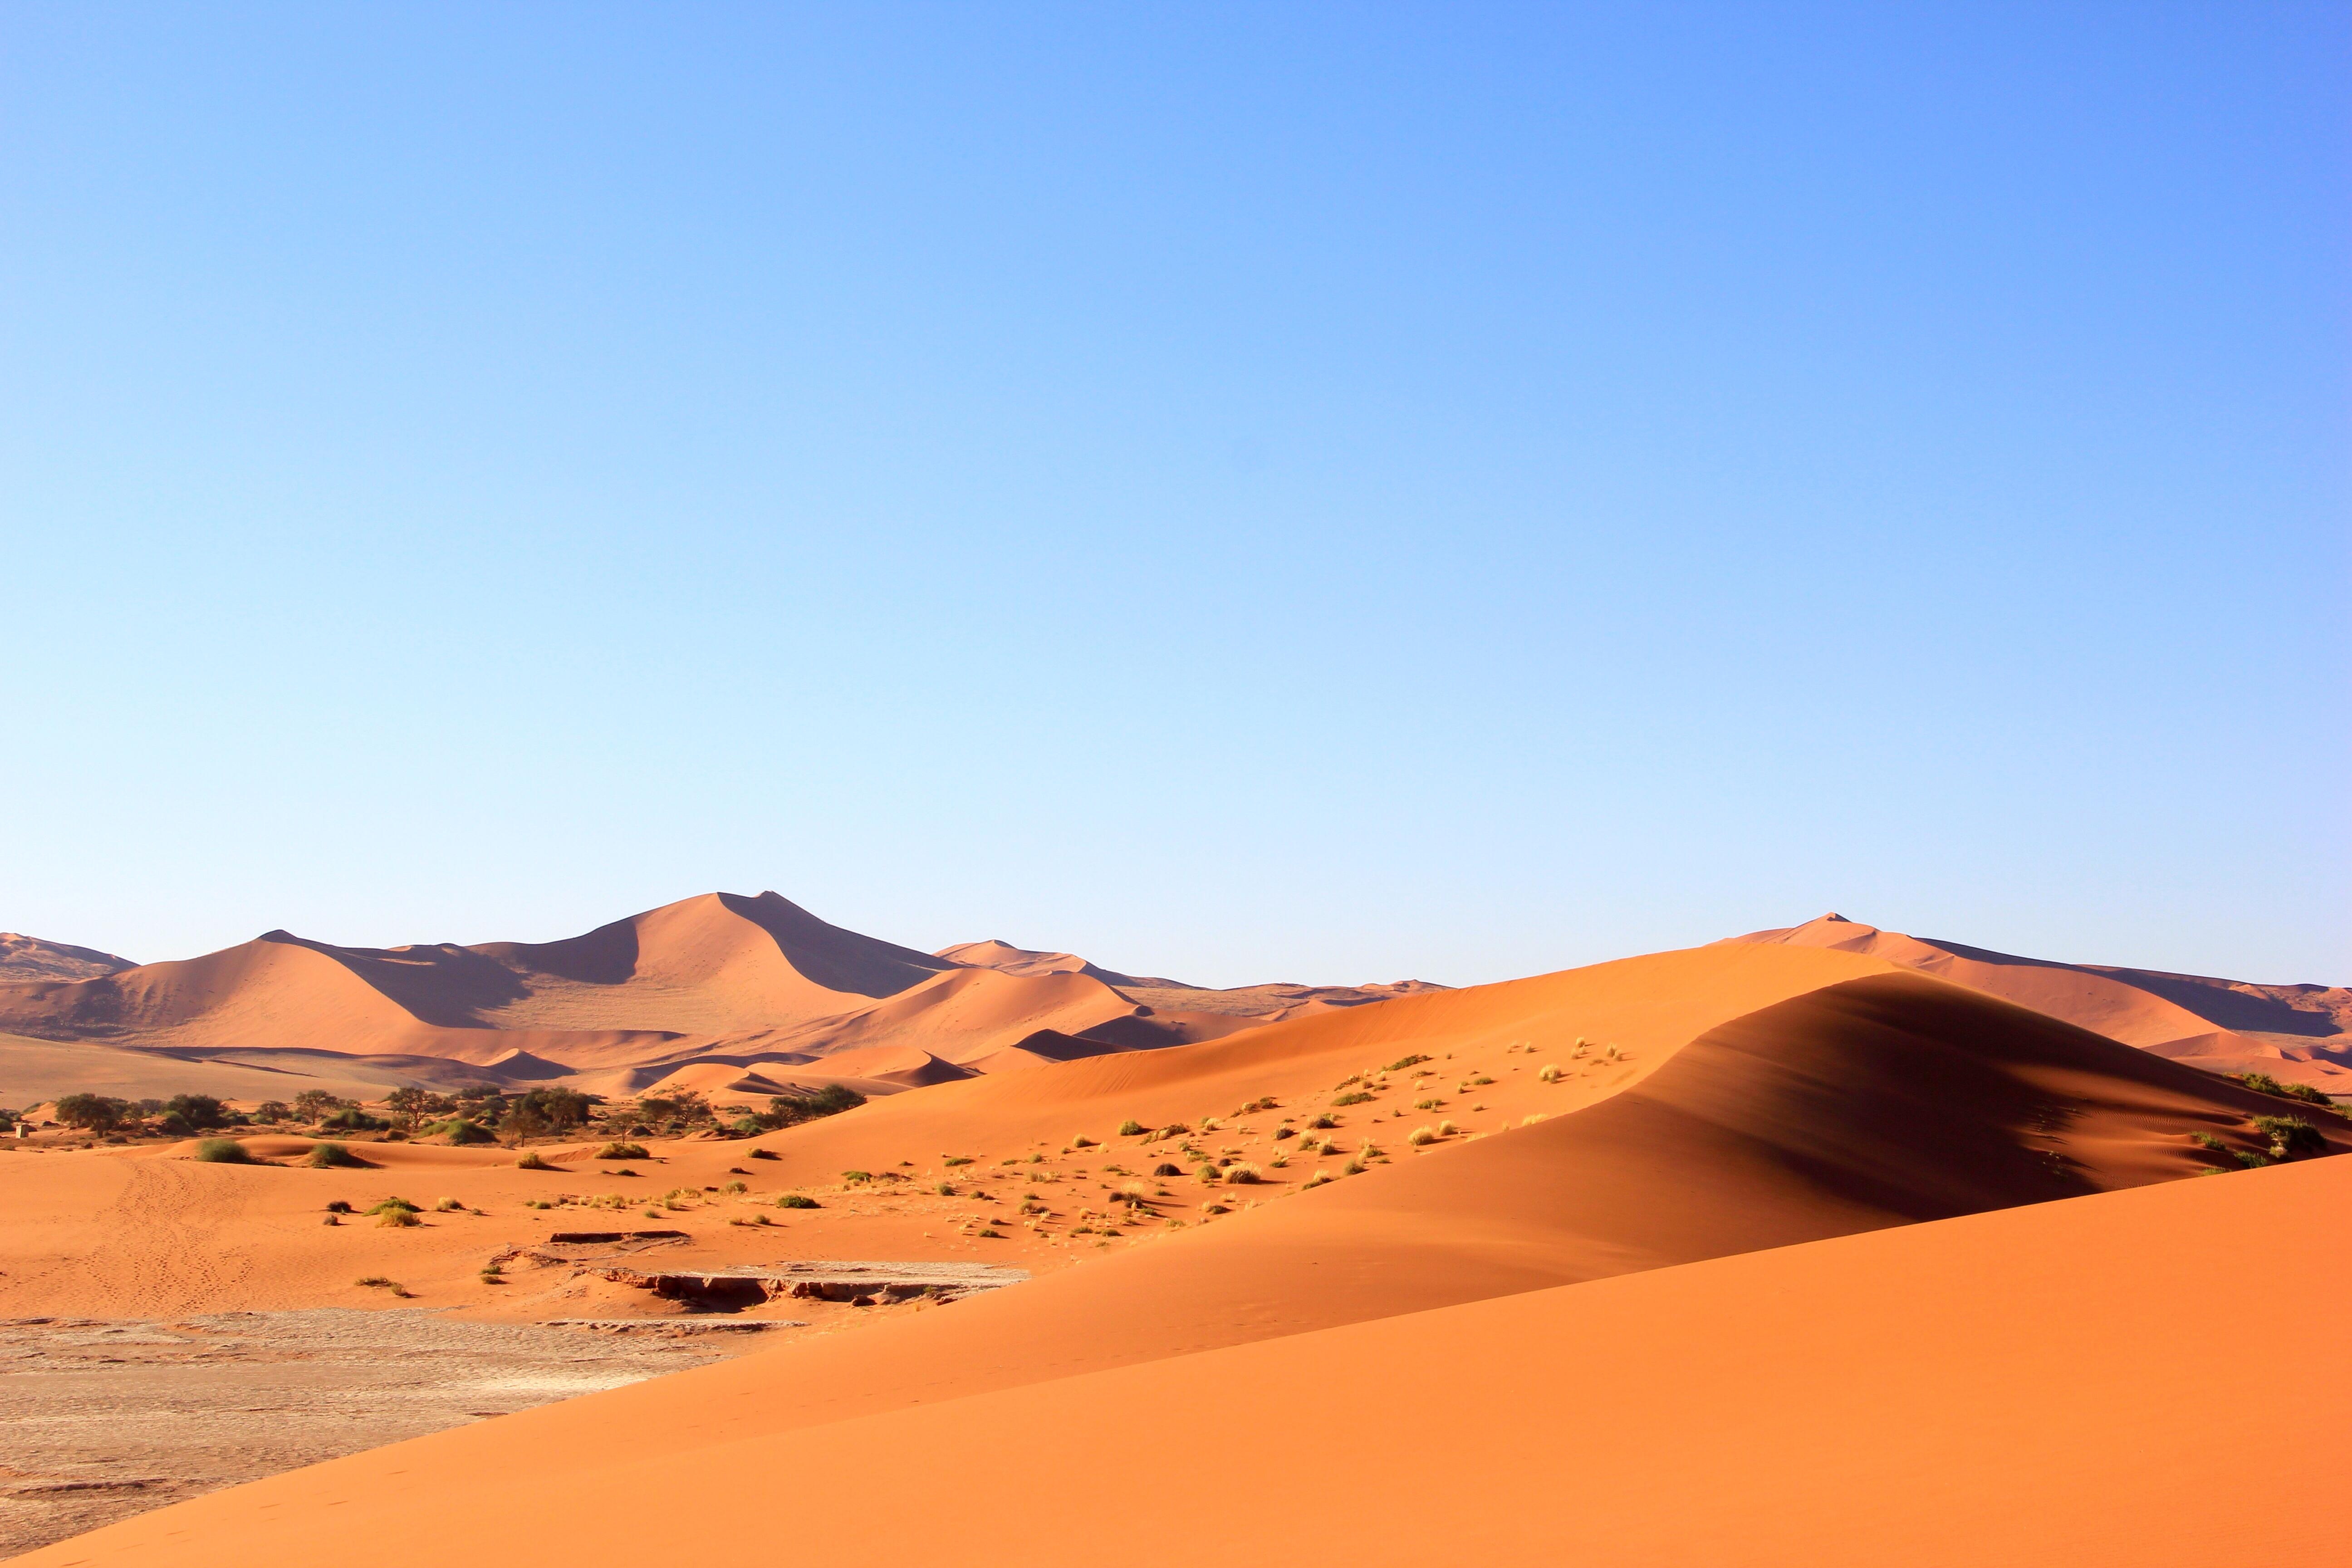 караоке фото в пустыне очень яркие продаже